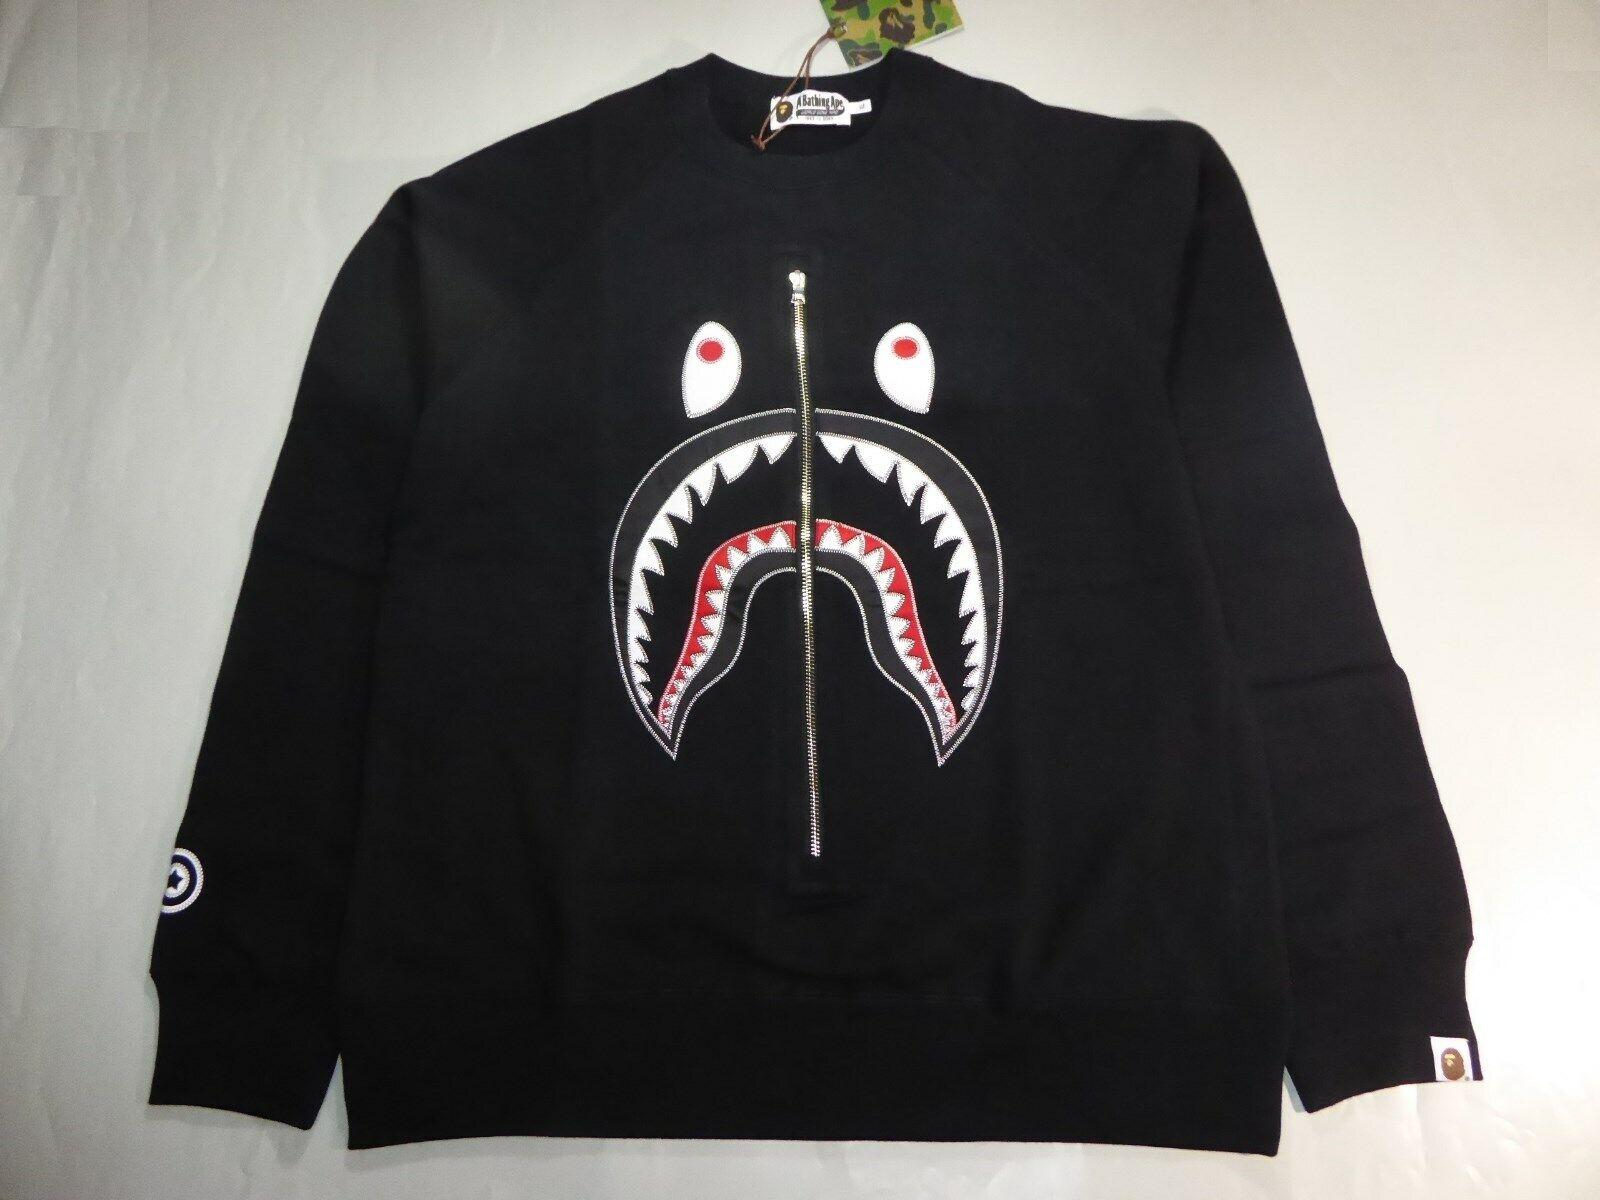 20108 bape applique shark crewneck schwarz L